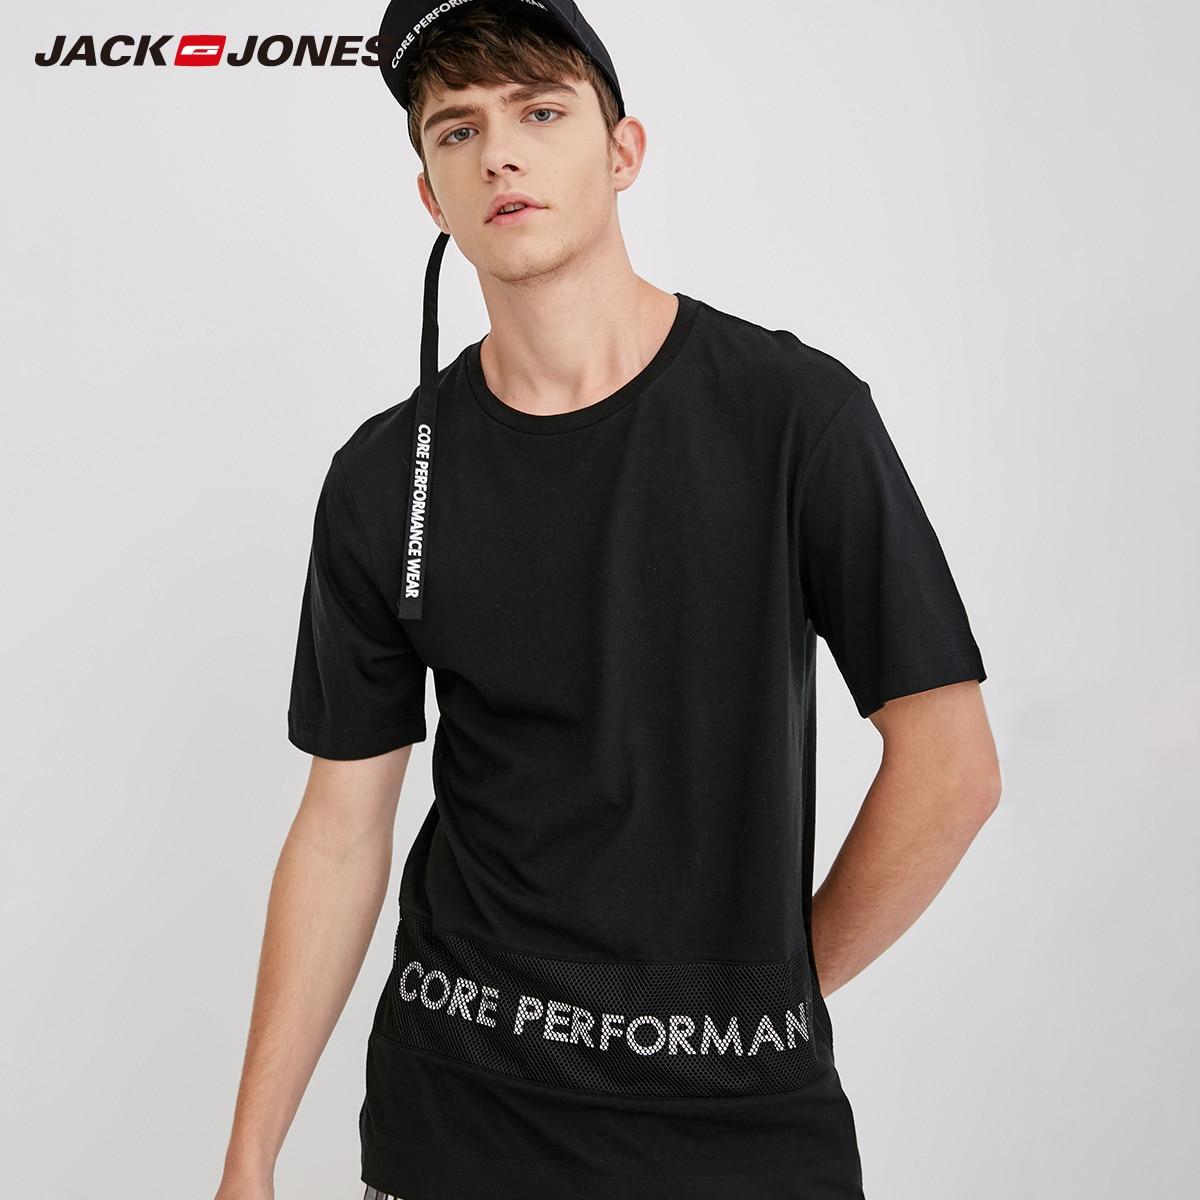 JackJones Men's Modal Letter Straight Short sleeve   T  -  Shirt   Solid   T     shirt   Men's Tshirt 2019 Brand New Menswear C| 218201525